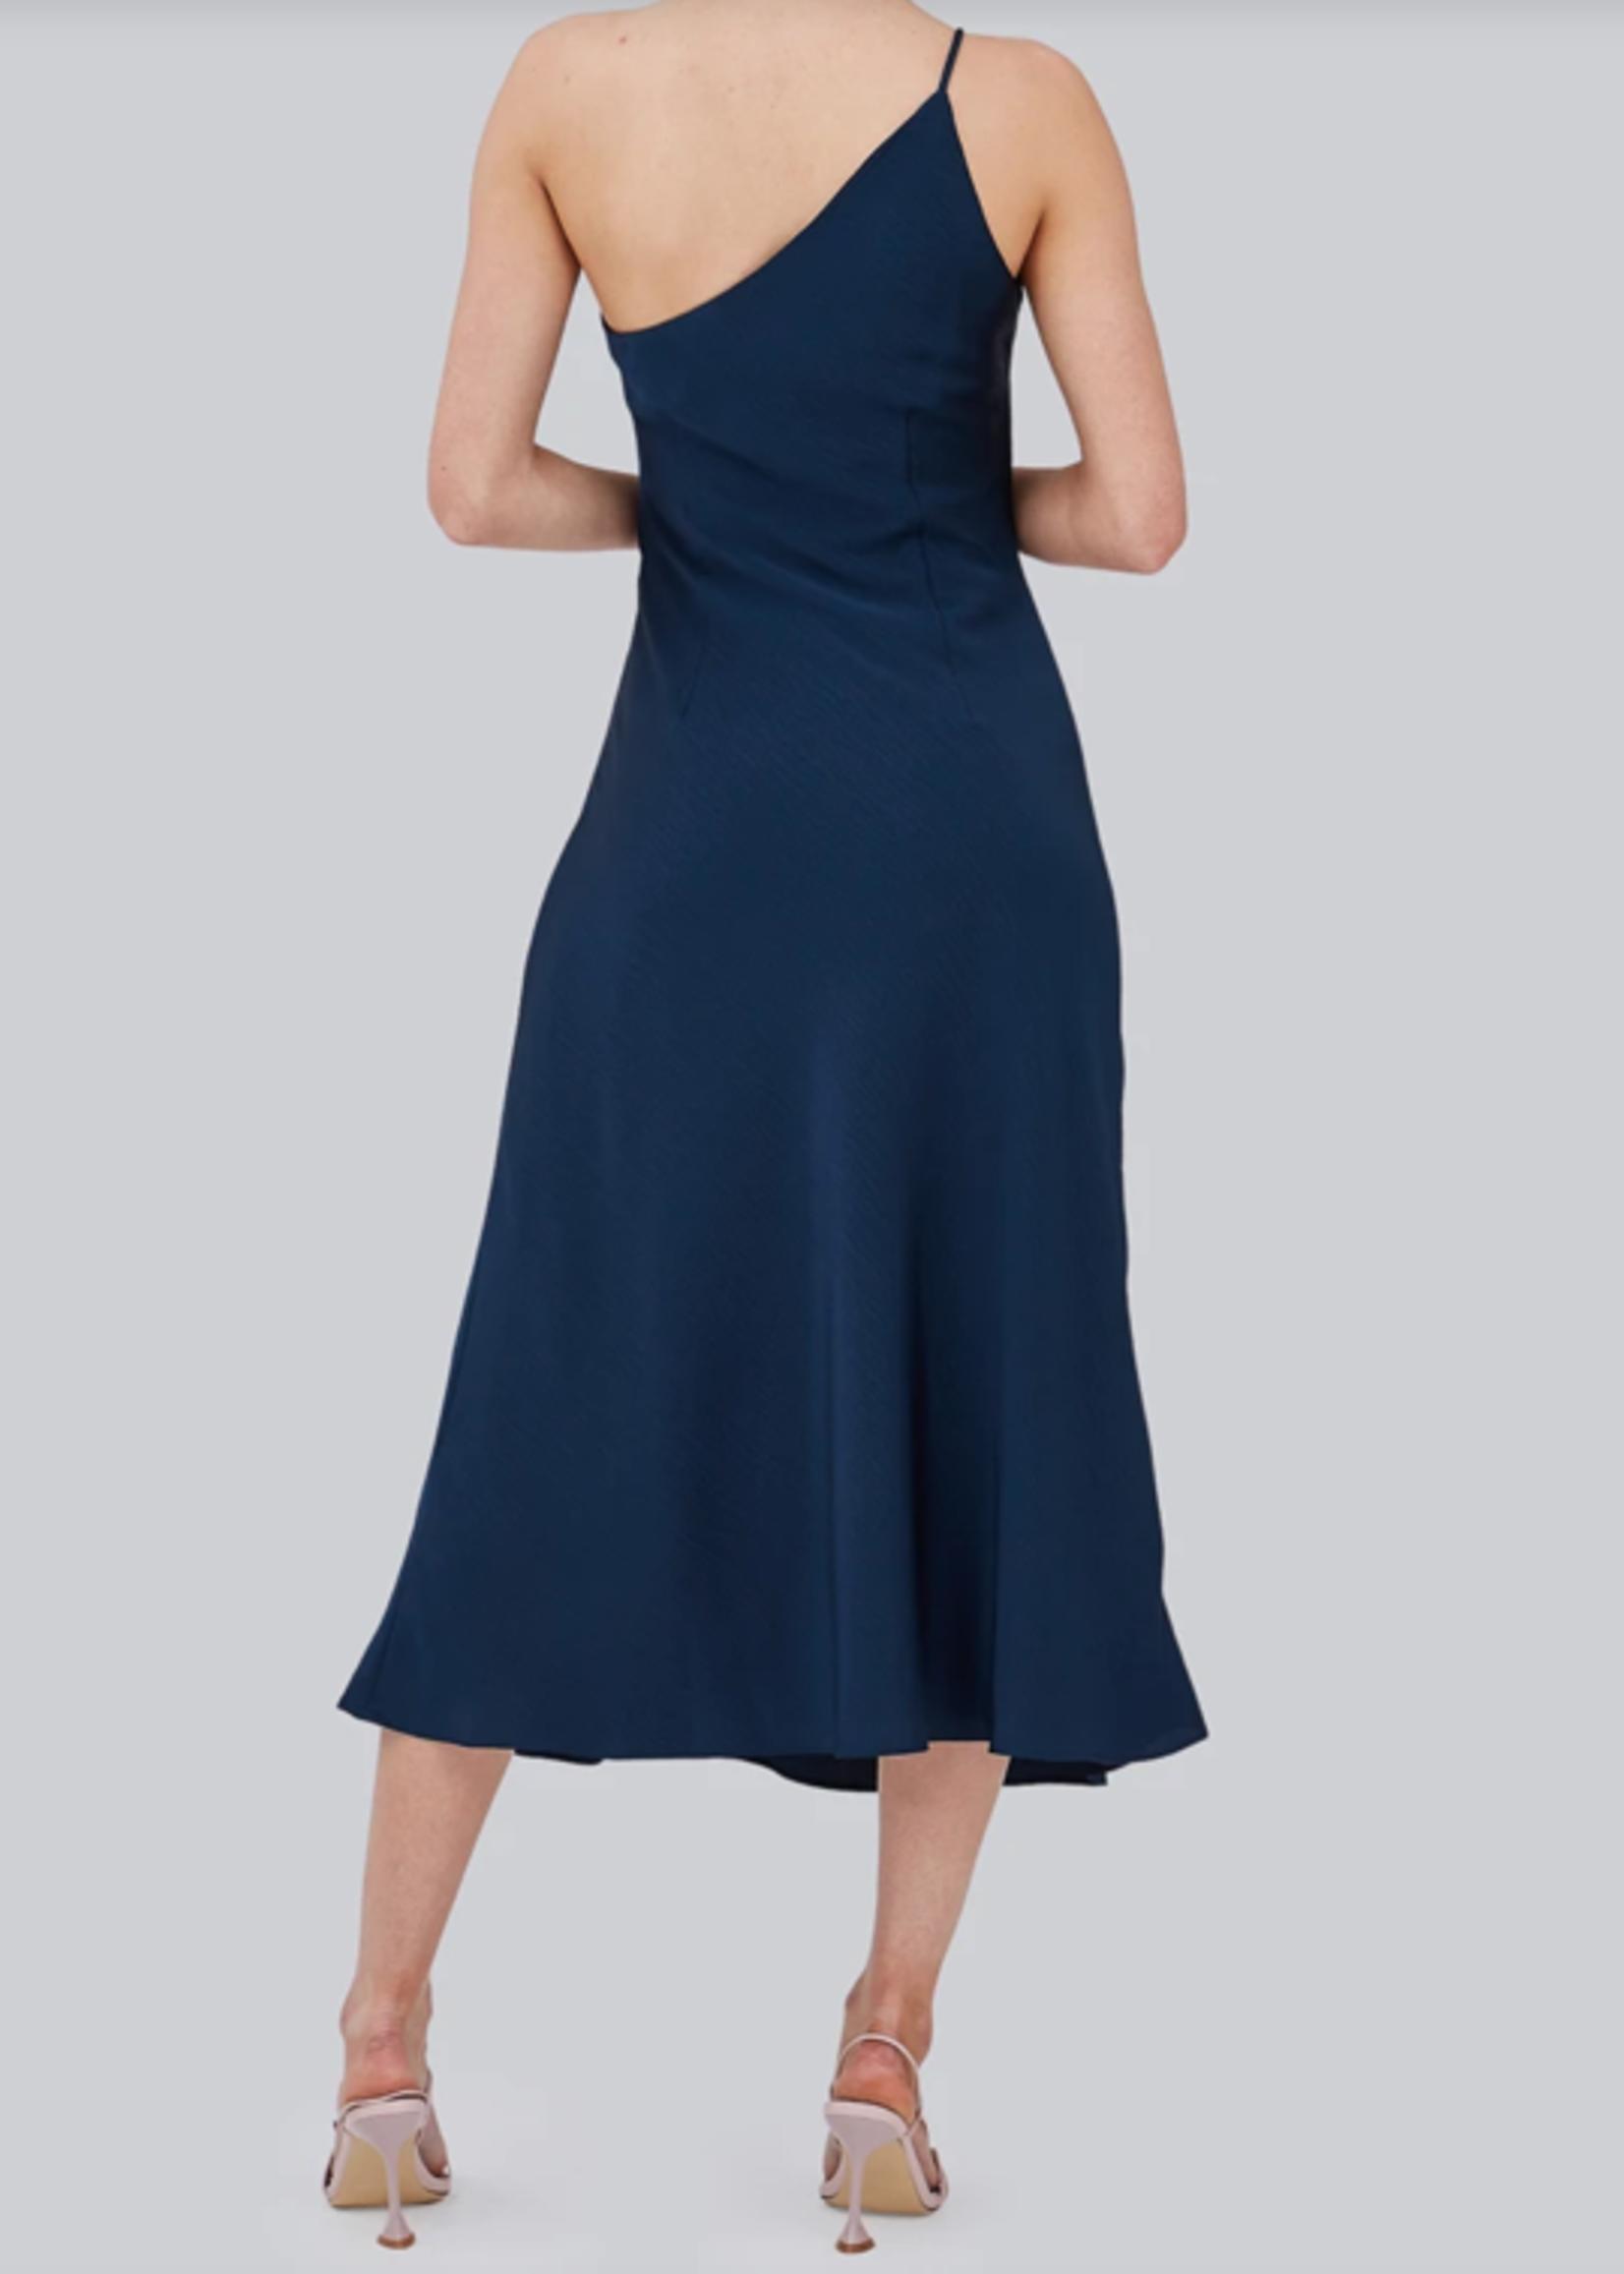 Elitaire Boutique The Avenue Midi Dress in Midnight